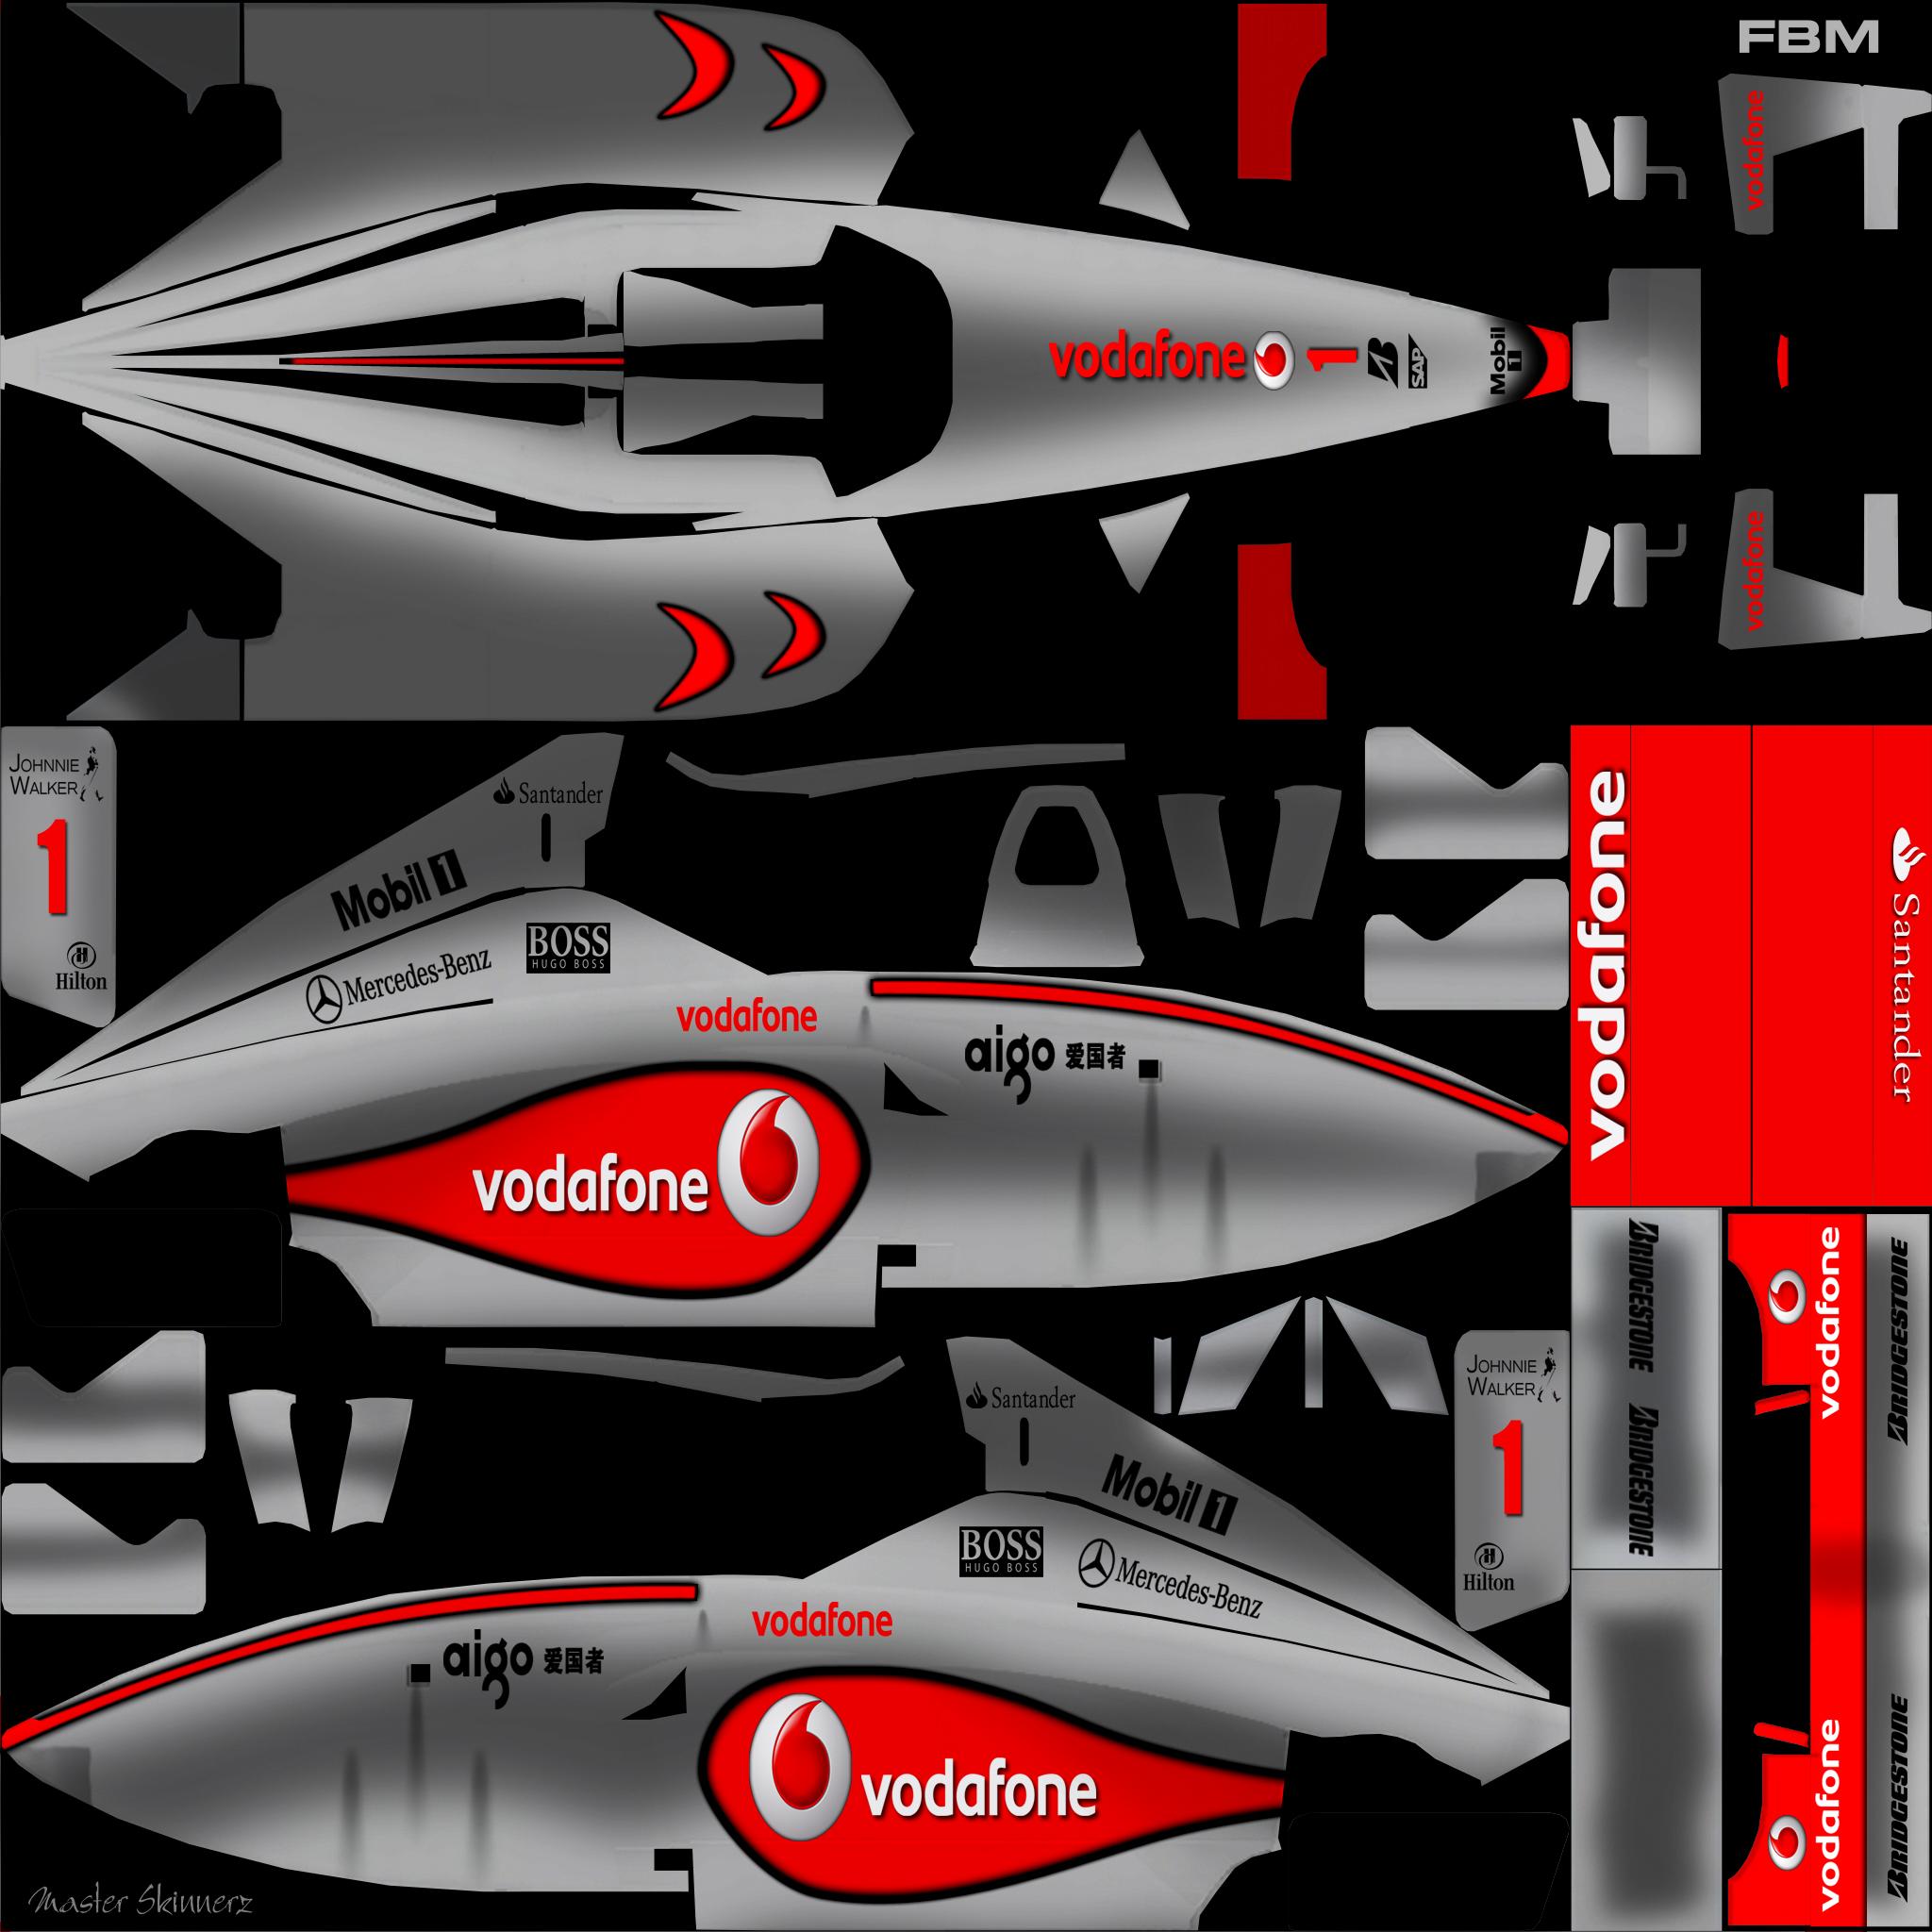 Formula Bmw 171 Bean0 Com Car Skins For Live For Speed